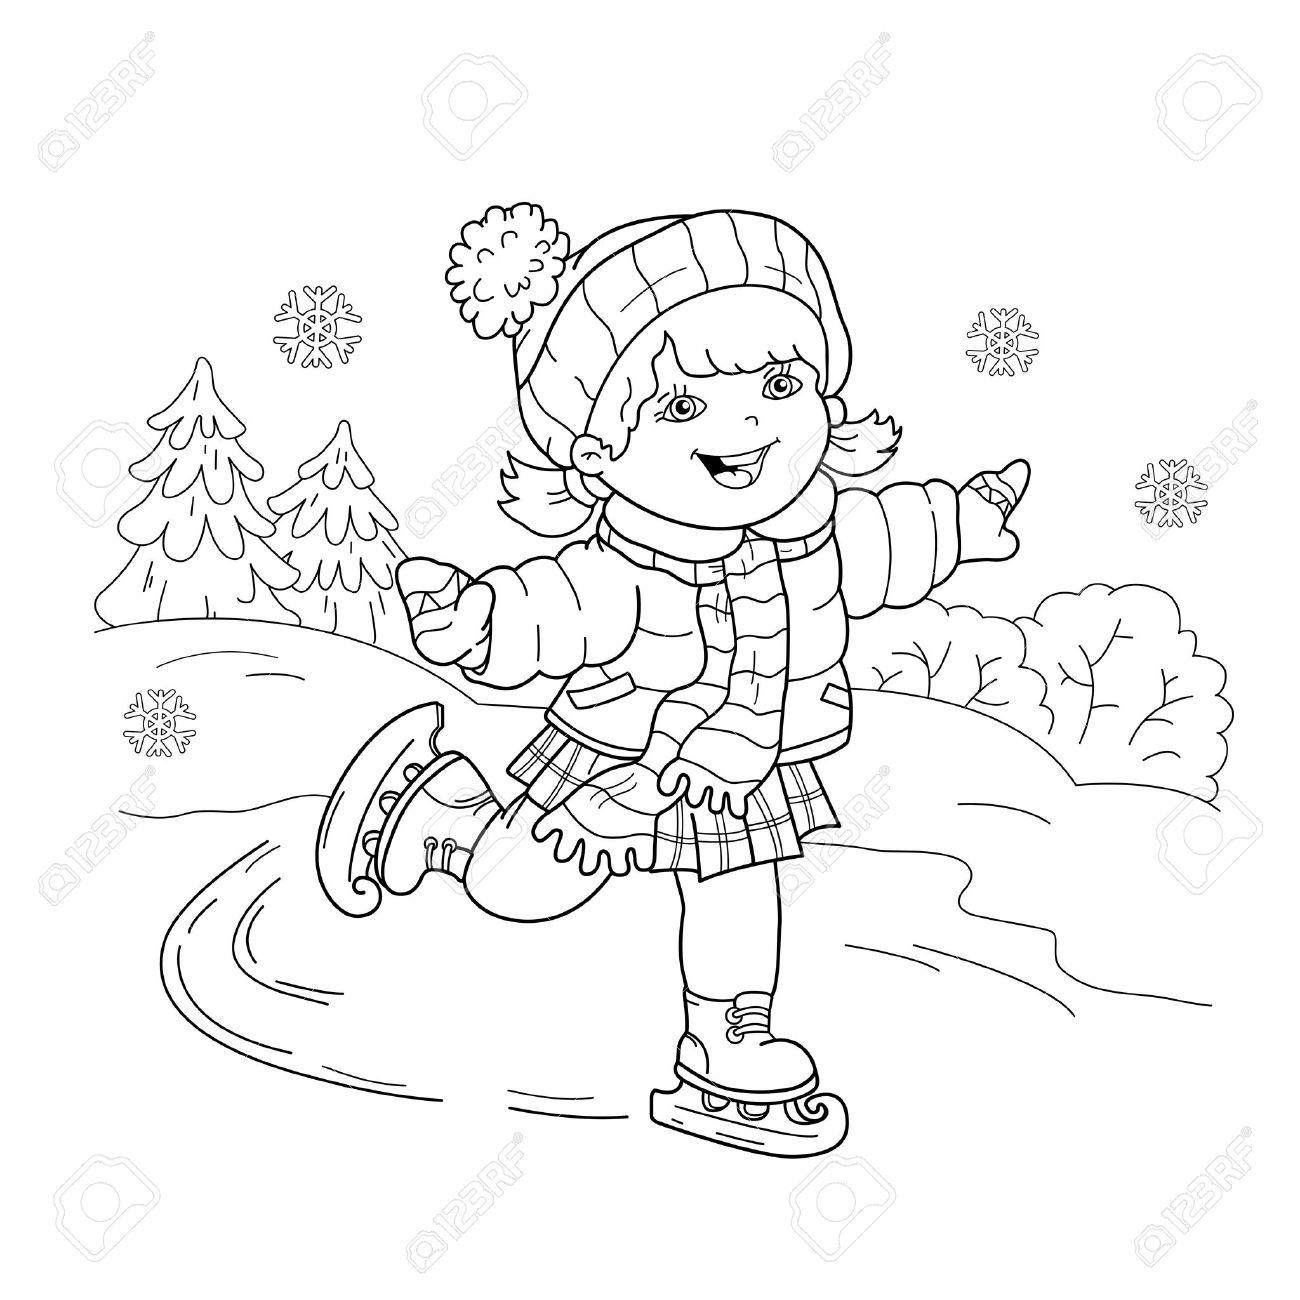 Página Para Colorear Esquema De Patinaje Niña De Dibujos Animados Deportes De Invierno Libro De Colorear Para Niños